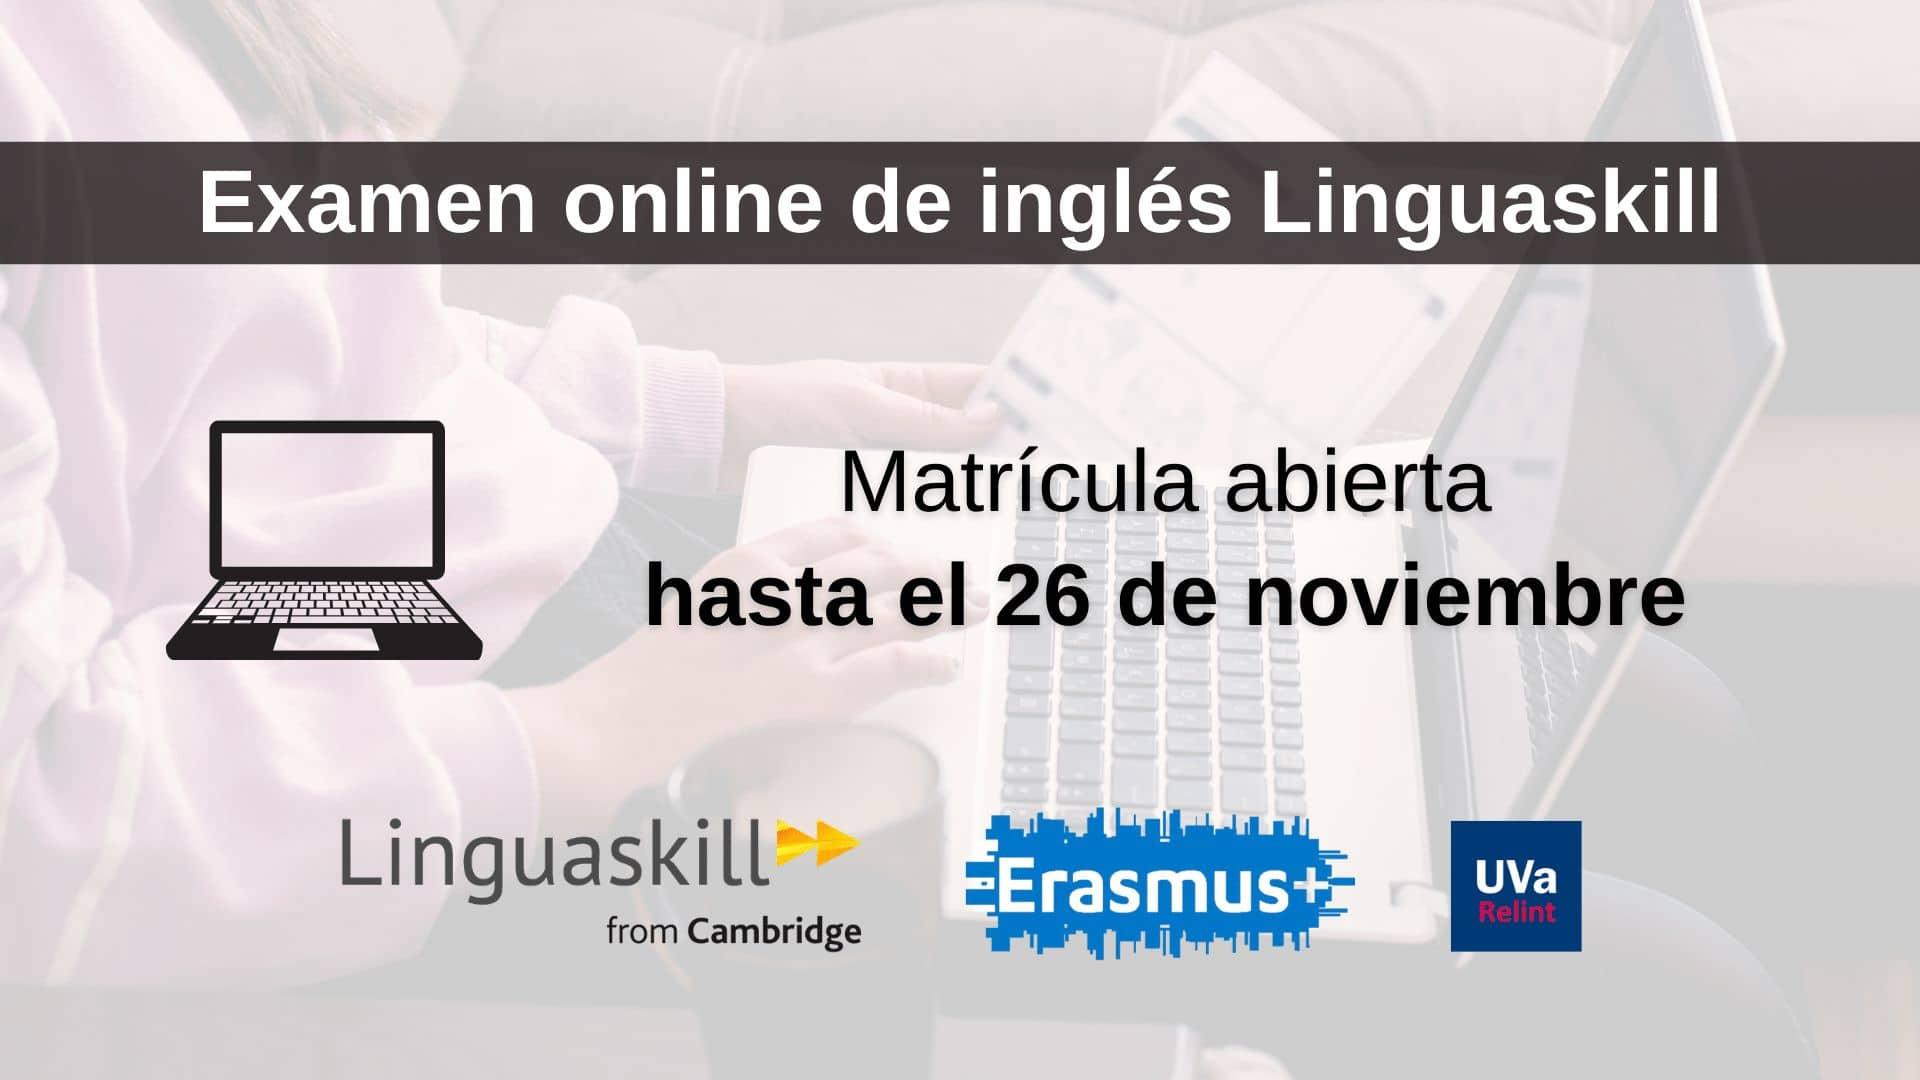 Imagen para examen Linguaskill final inglés futuros Erasmus Universidad de Valladolid sin logo